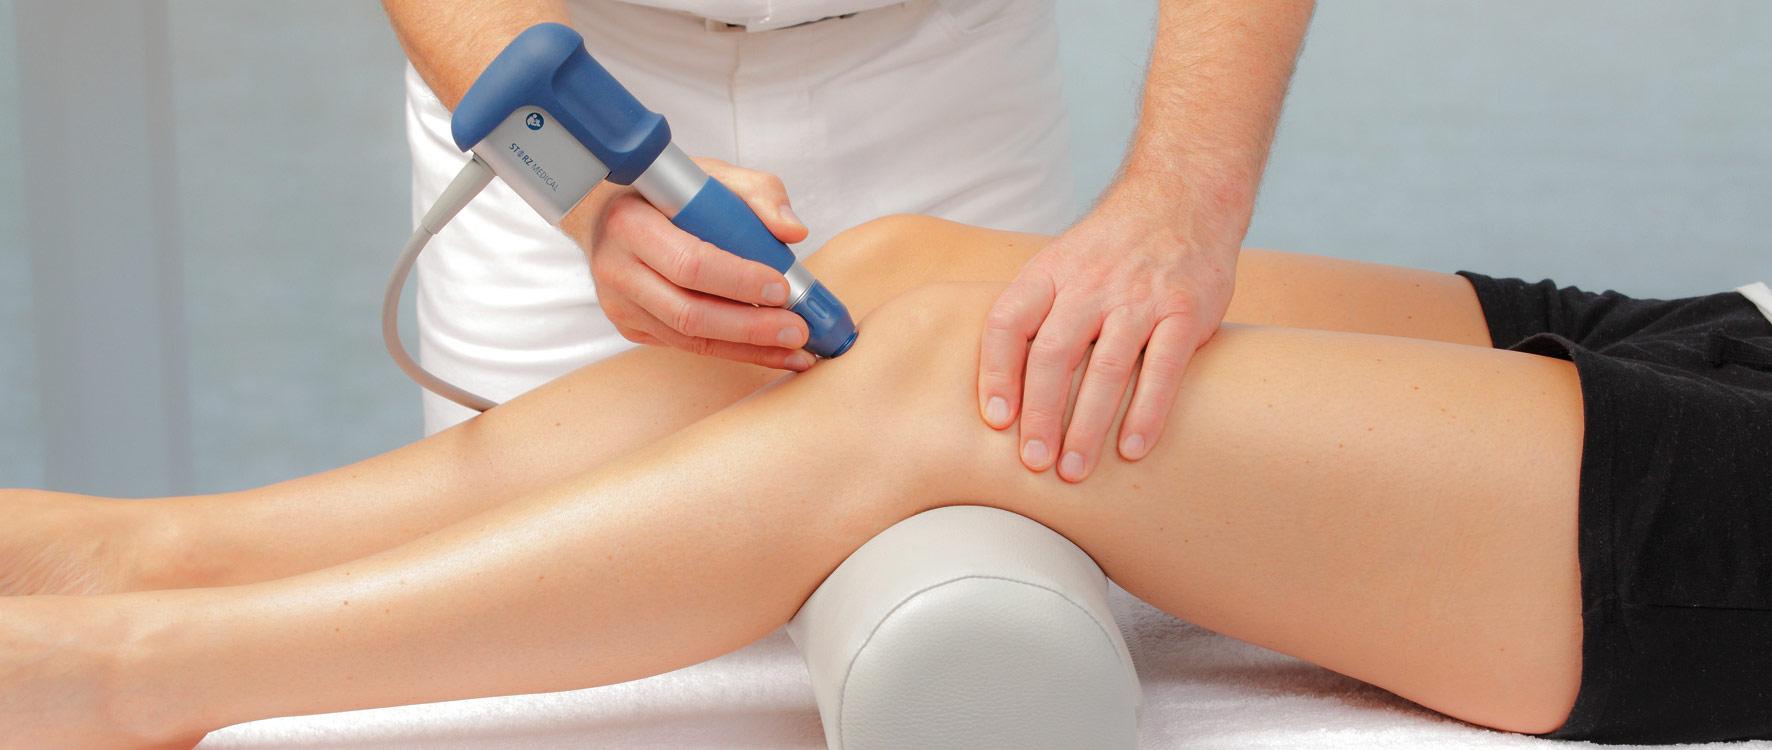 физиотерапия при ревматизме